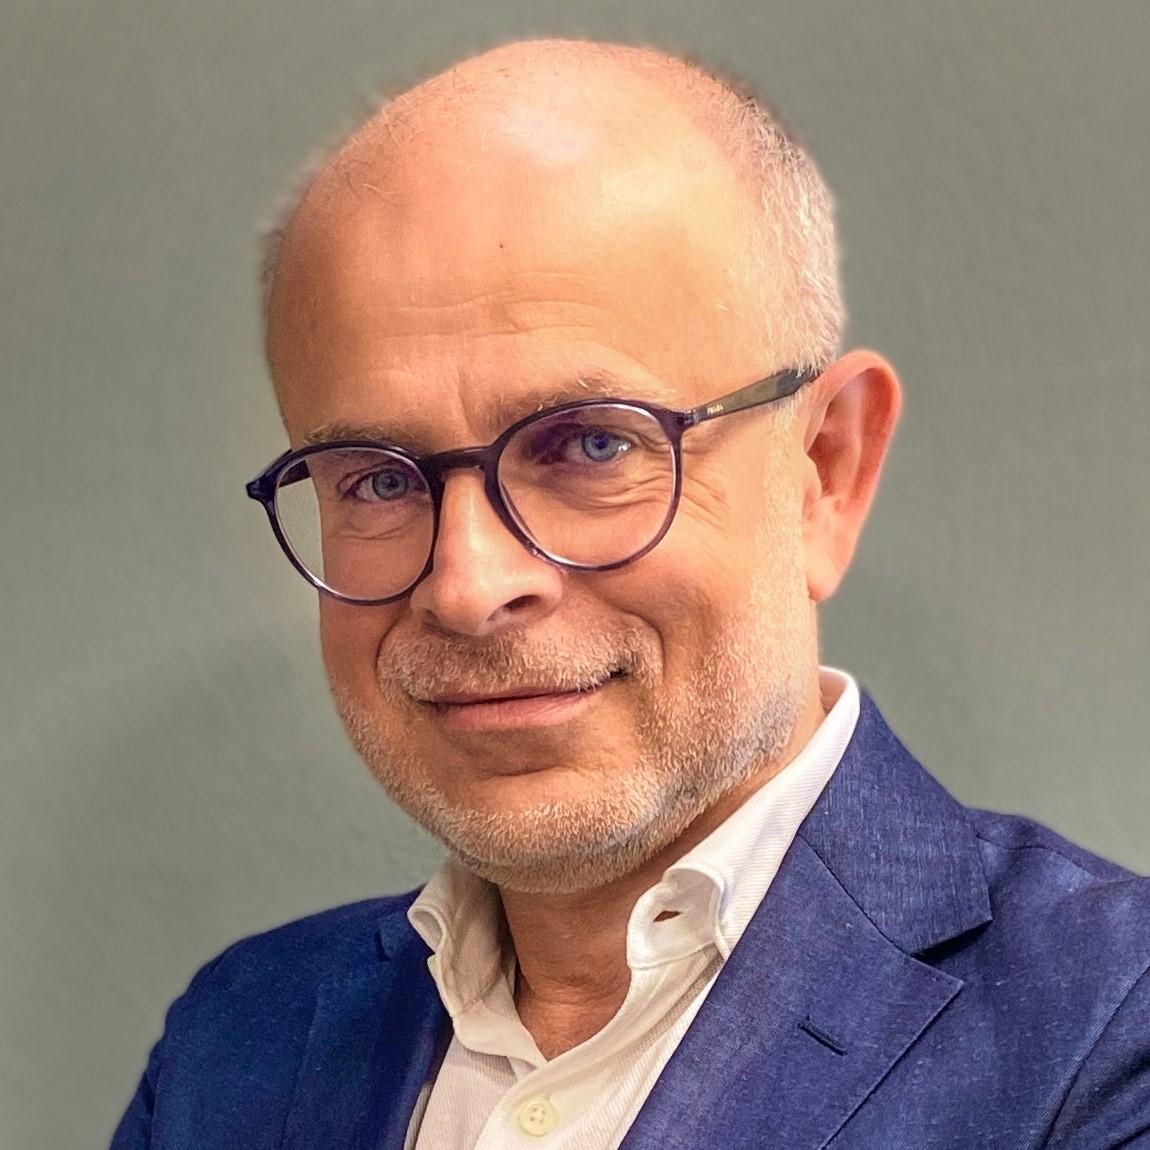 Marek Stachowicz